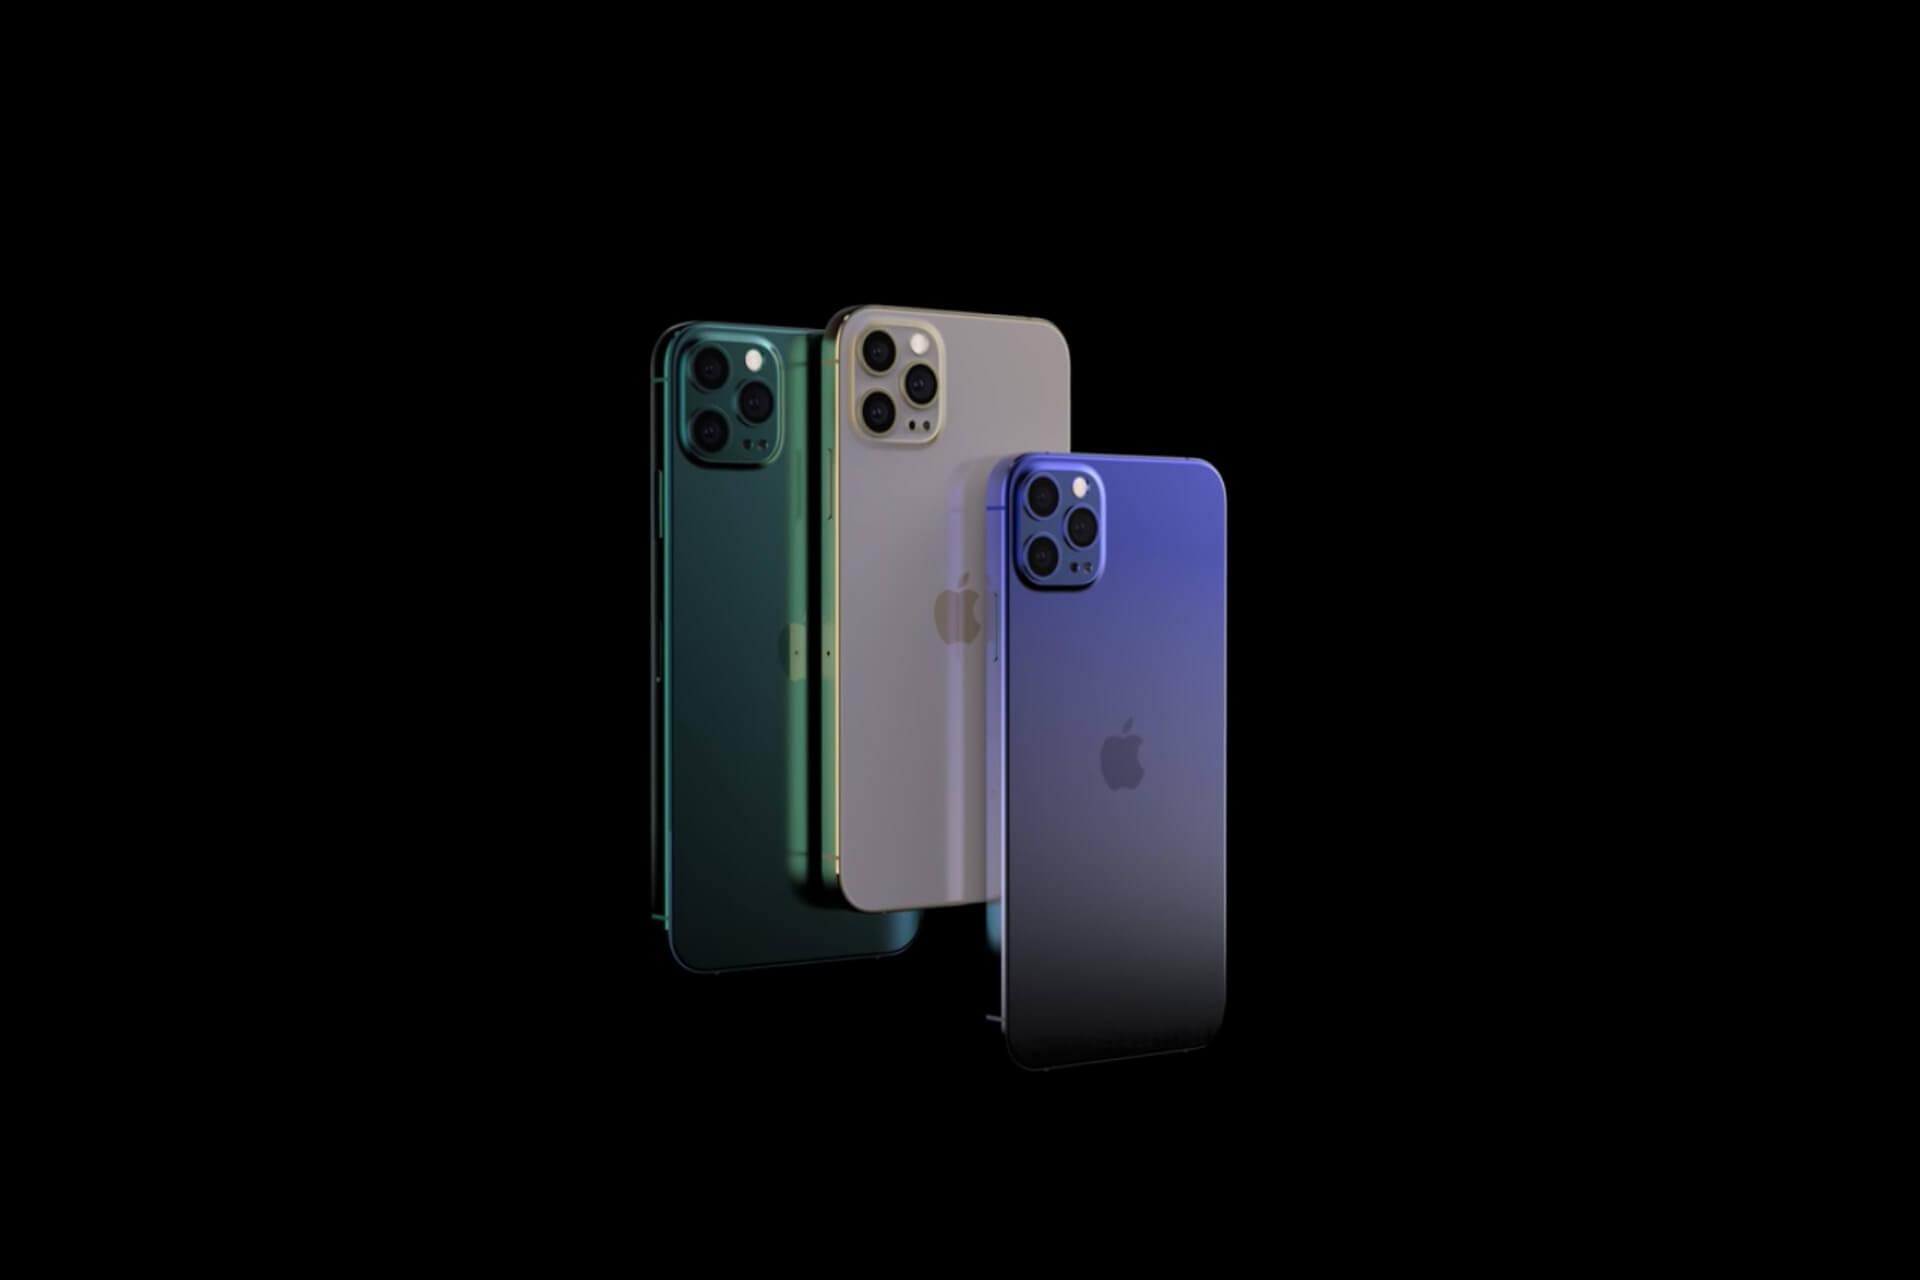 5G対応とうわさのiPhone 12は水中でも操作可能?感圧センサー搭載の可能性 tech200302_iphone12_main